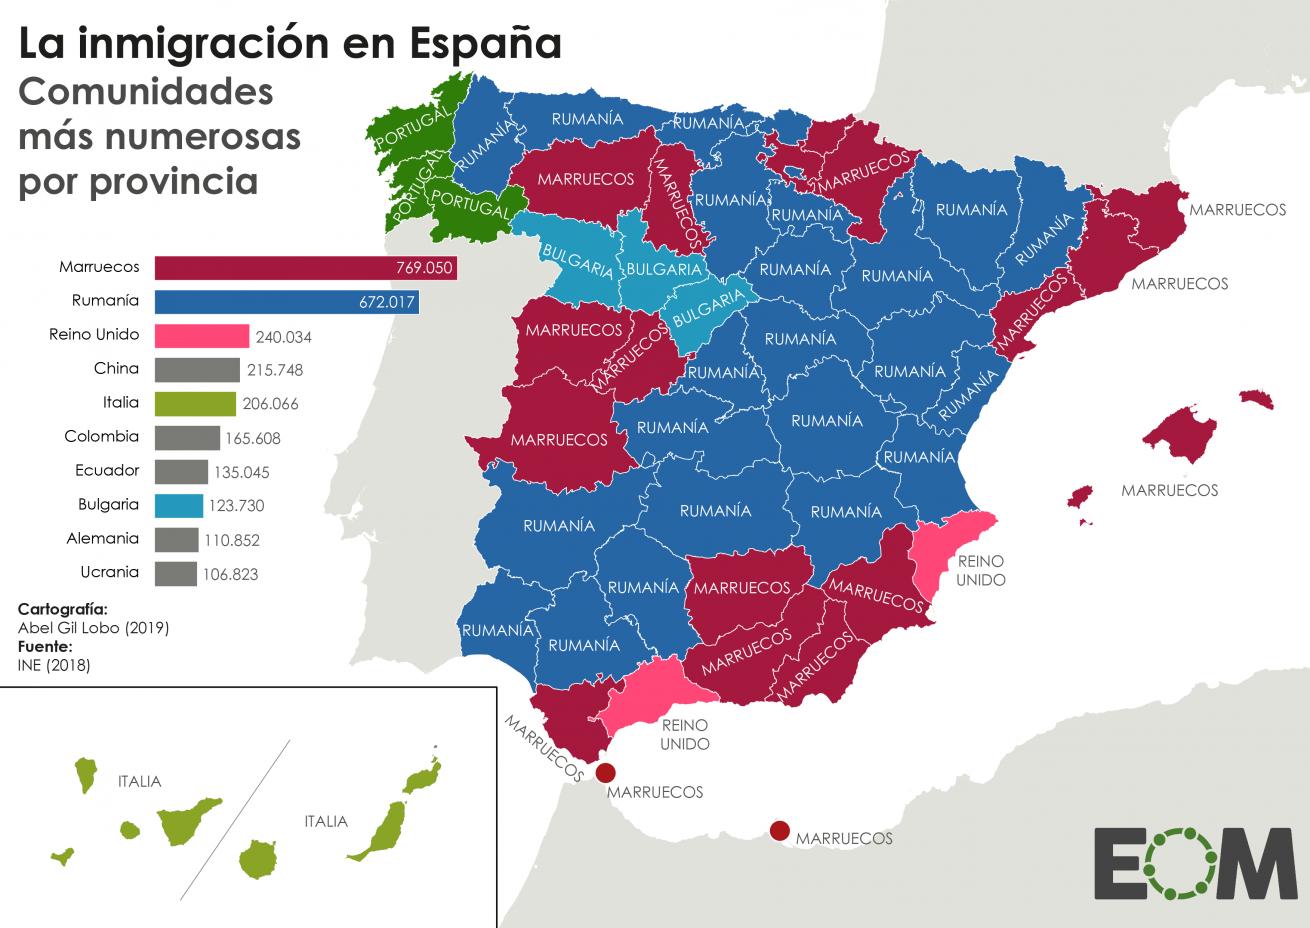 Mapa de la Inmigración en España